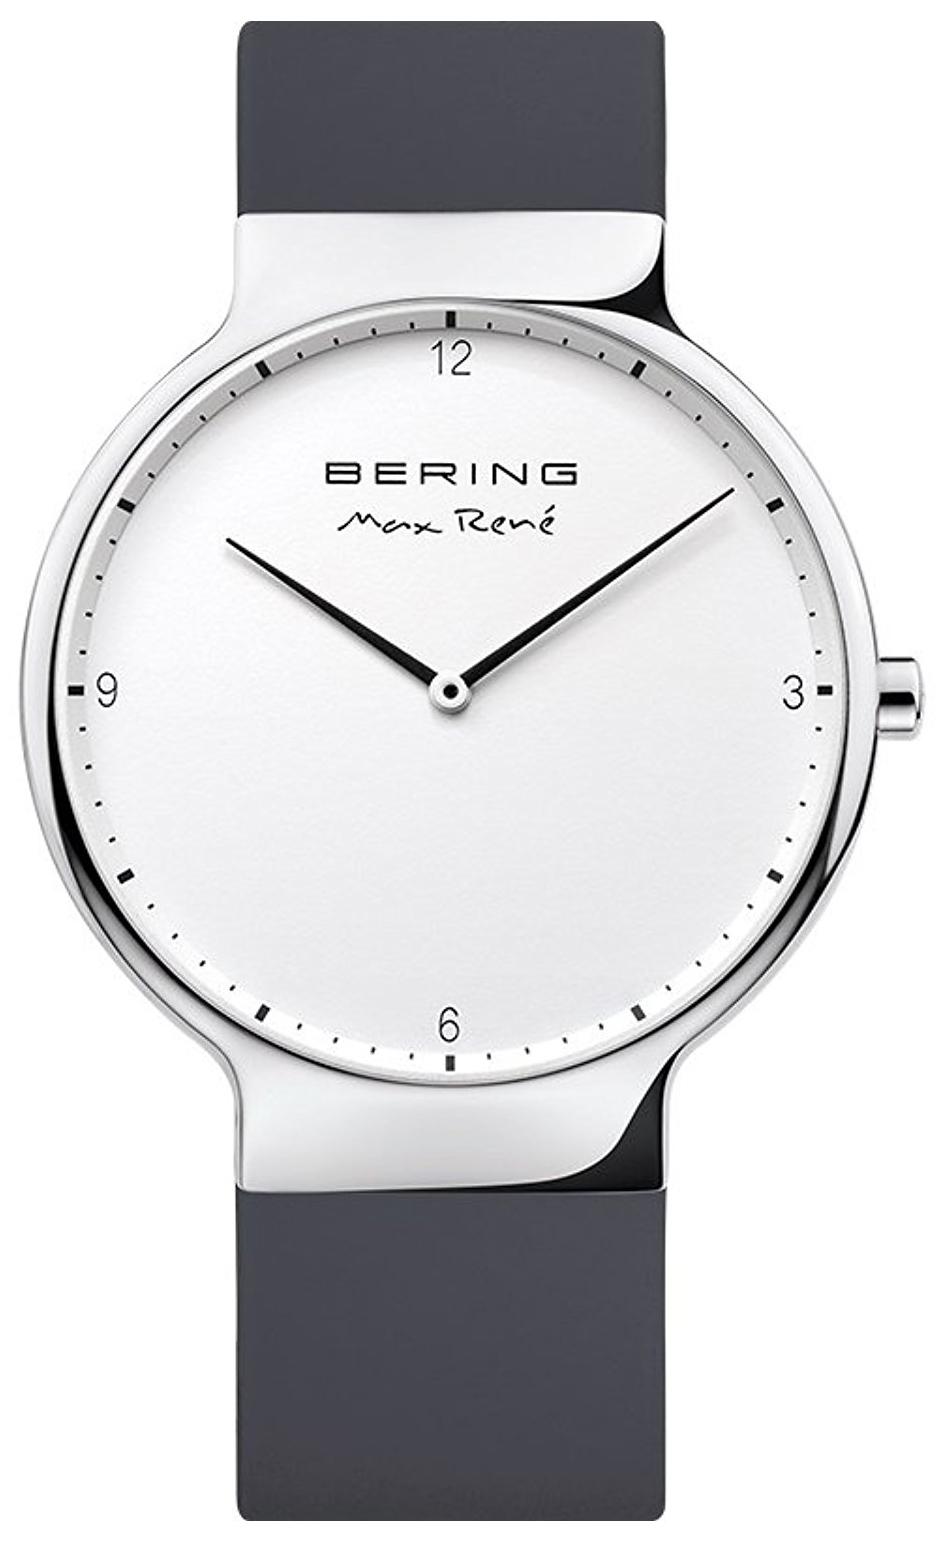 Bering Max Rene Herrklocka 15540-400 Vit/Gummi Ø40 mm - Bering